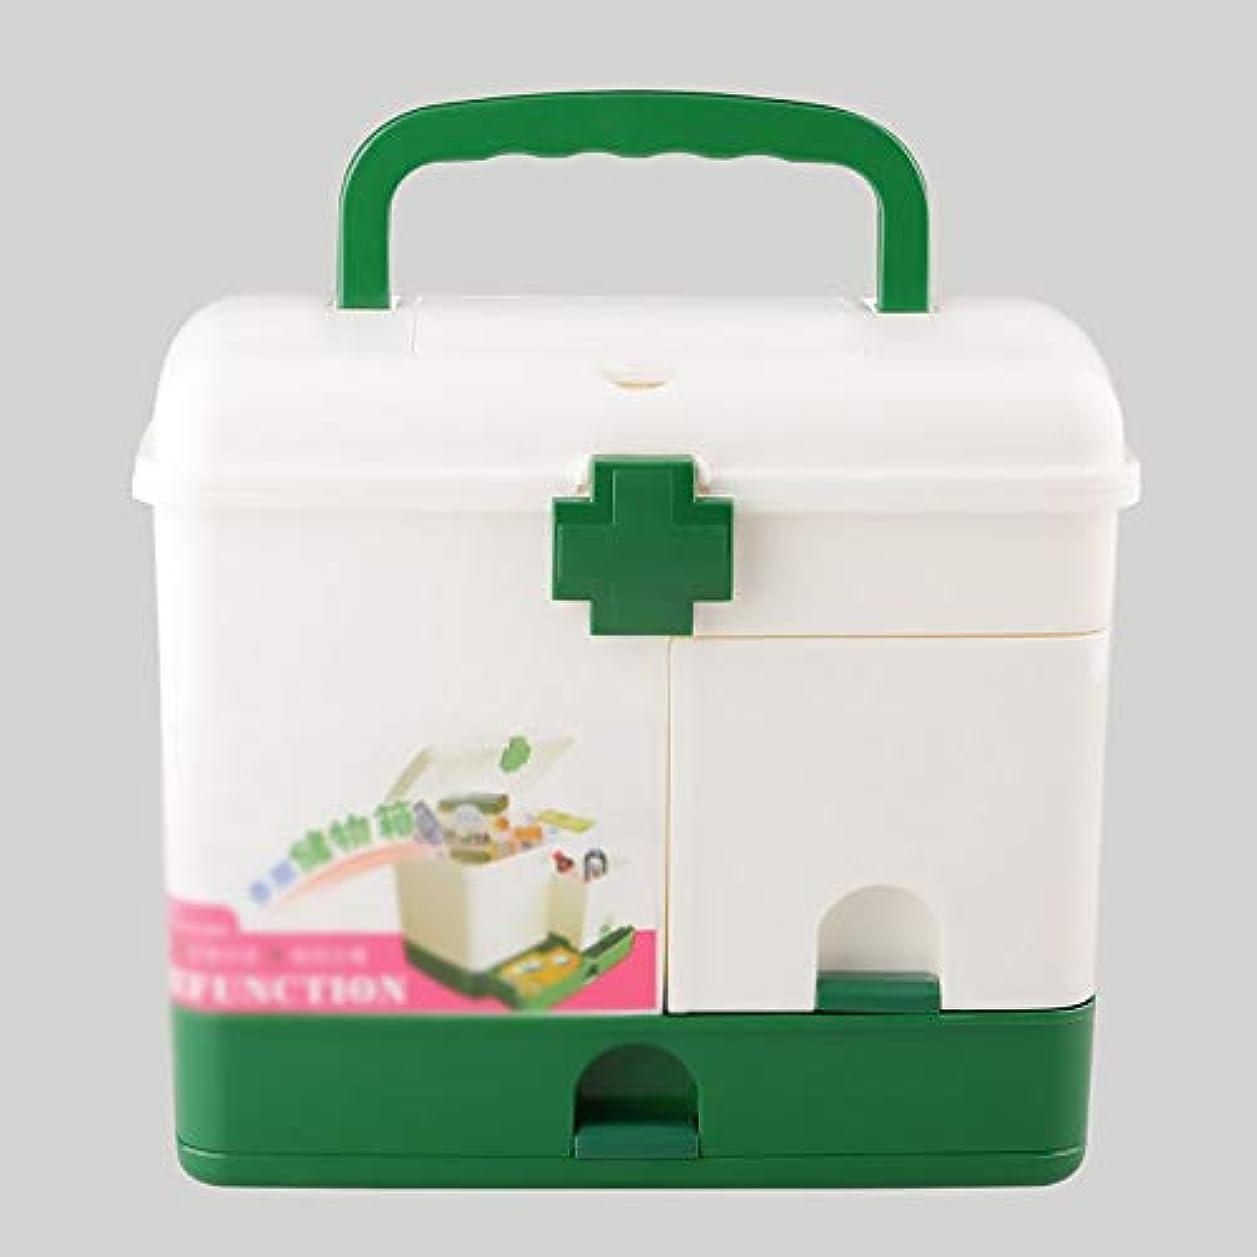 リマークミッションマーケティングZHILIAN& プラスチック製の薬箱家族の薬収納ボックス収納ボックスポータブル多機能緊急ツールボックス28×21×24.5センチ